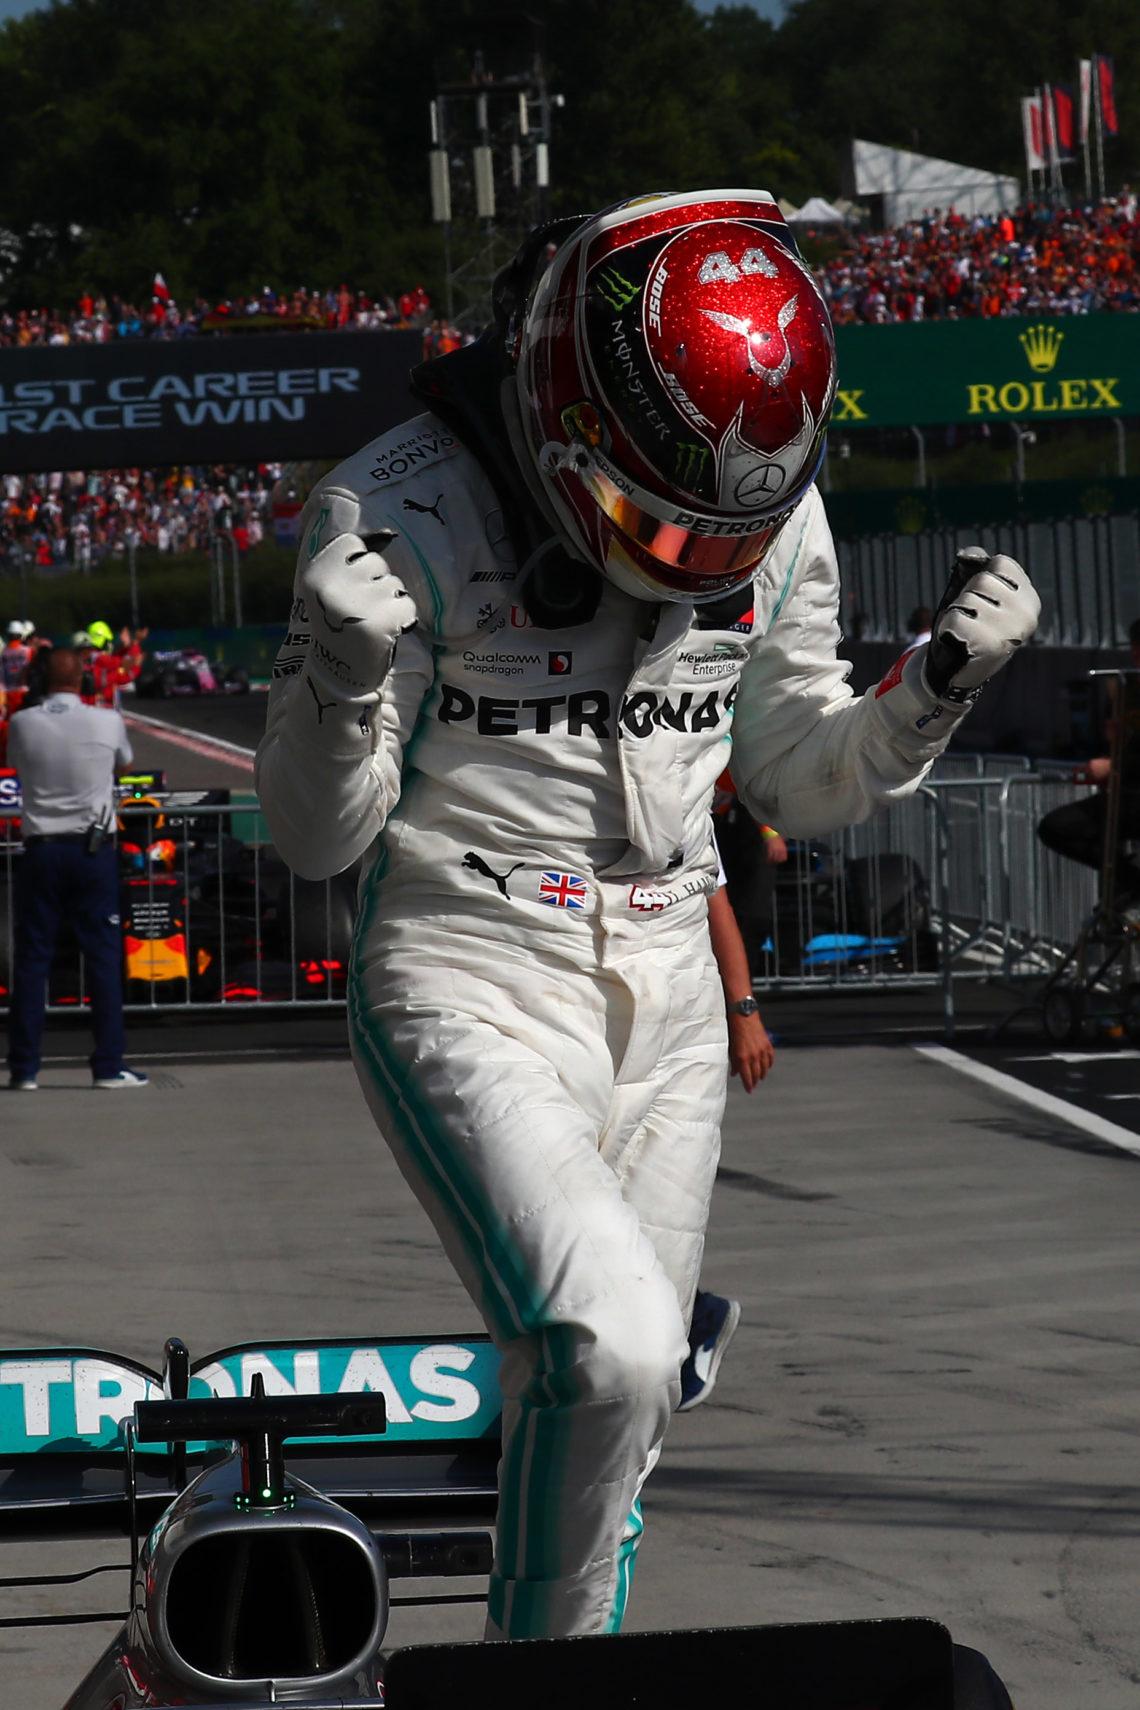 F1, Lewis Hamilton vince il GP del Messico e si avvicina al mondiale: secondo Vettel poi Bottas